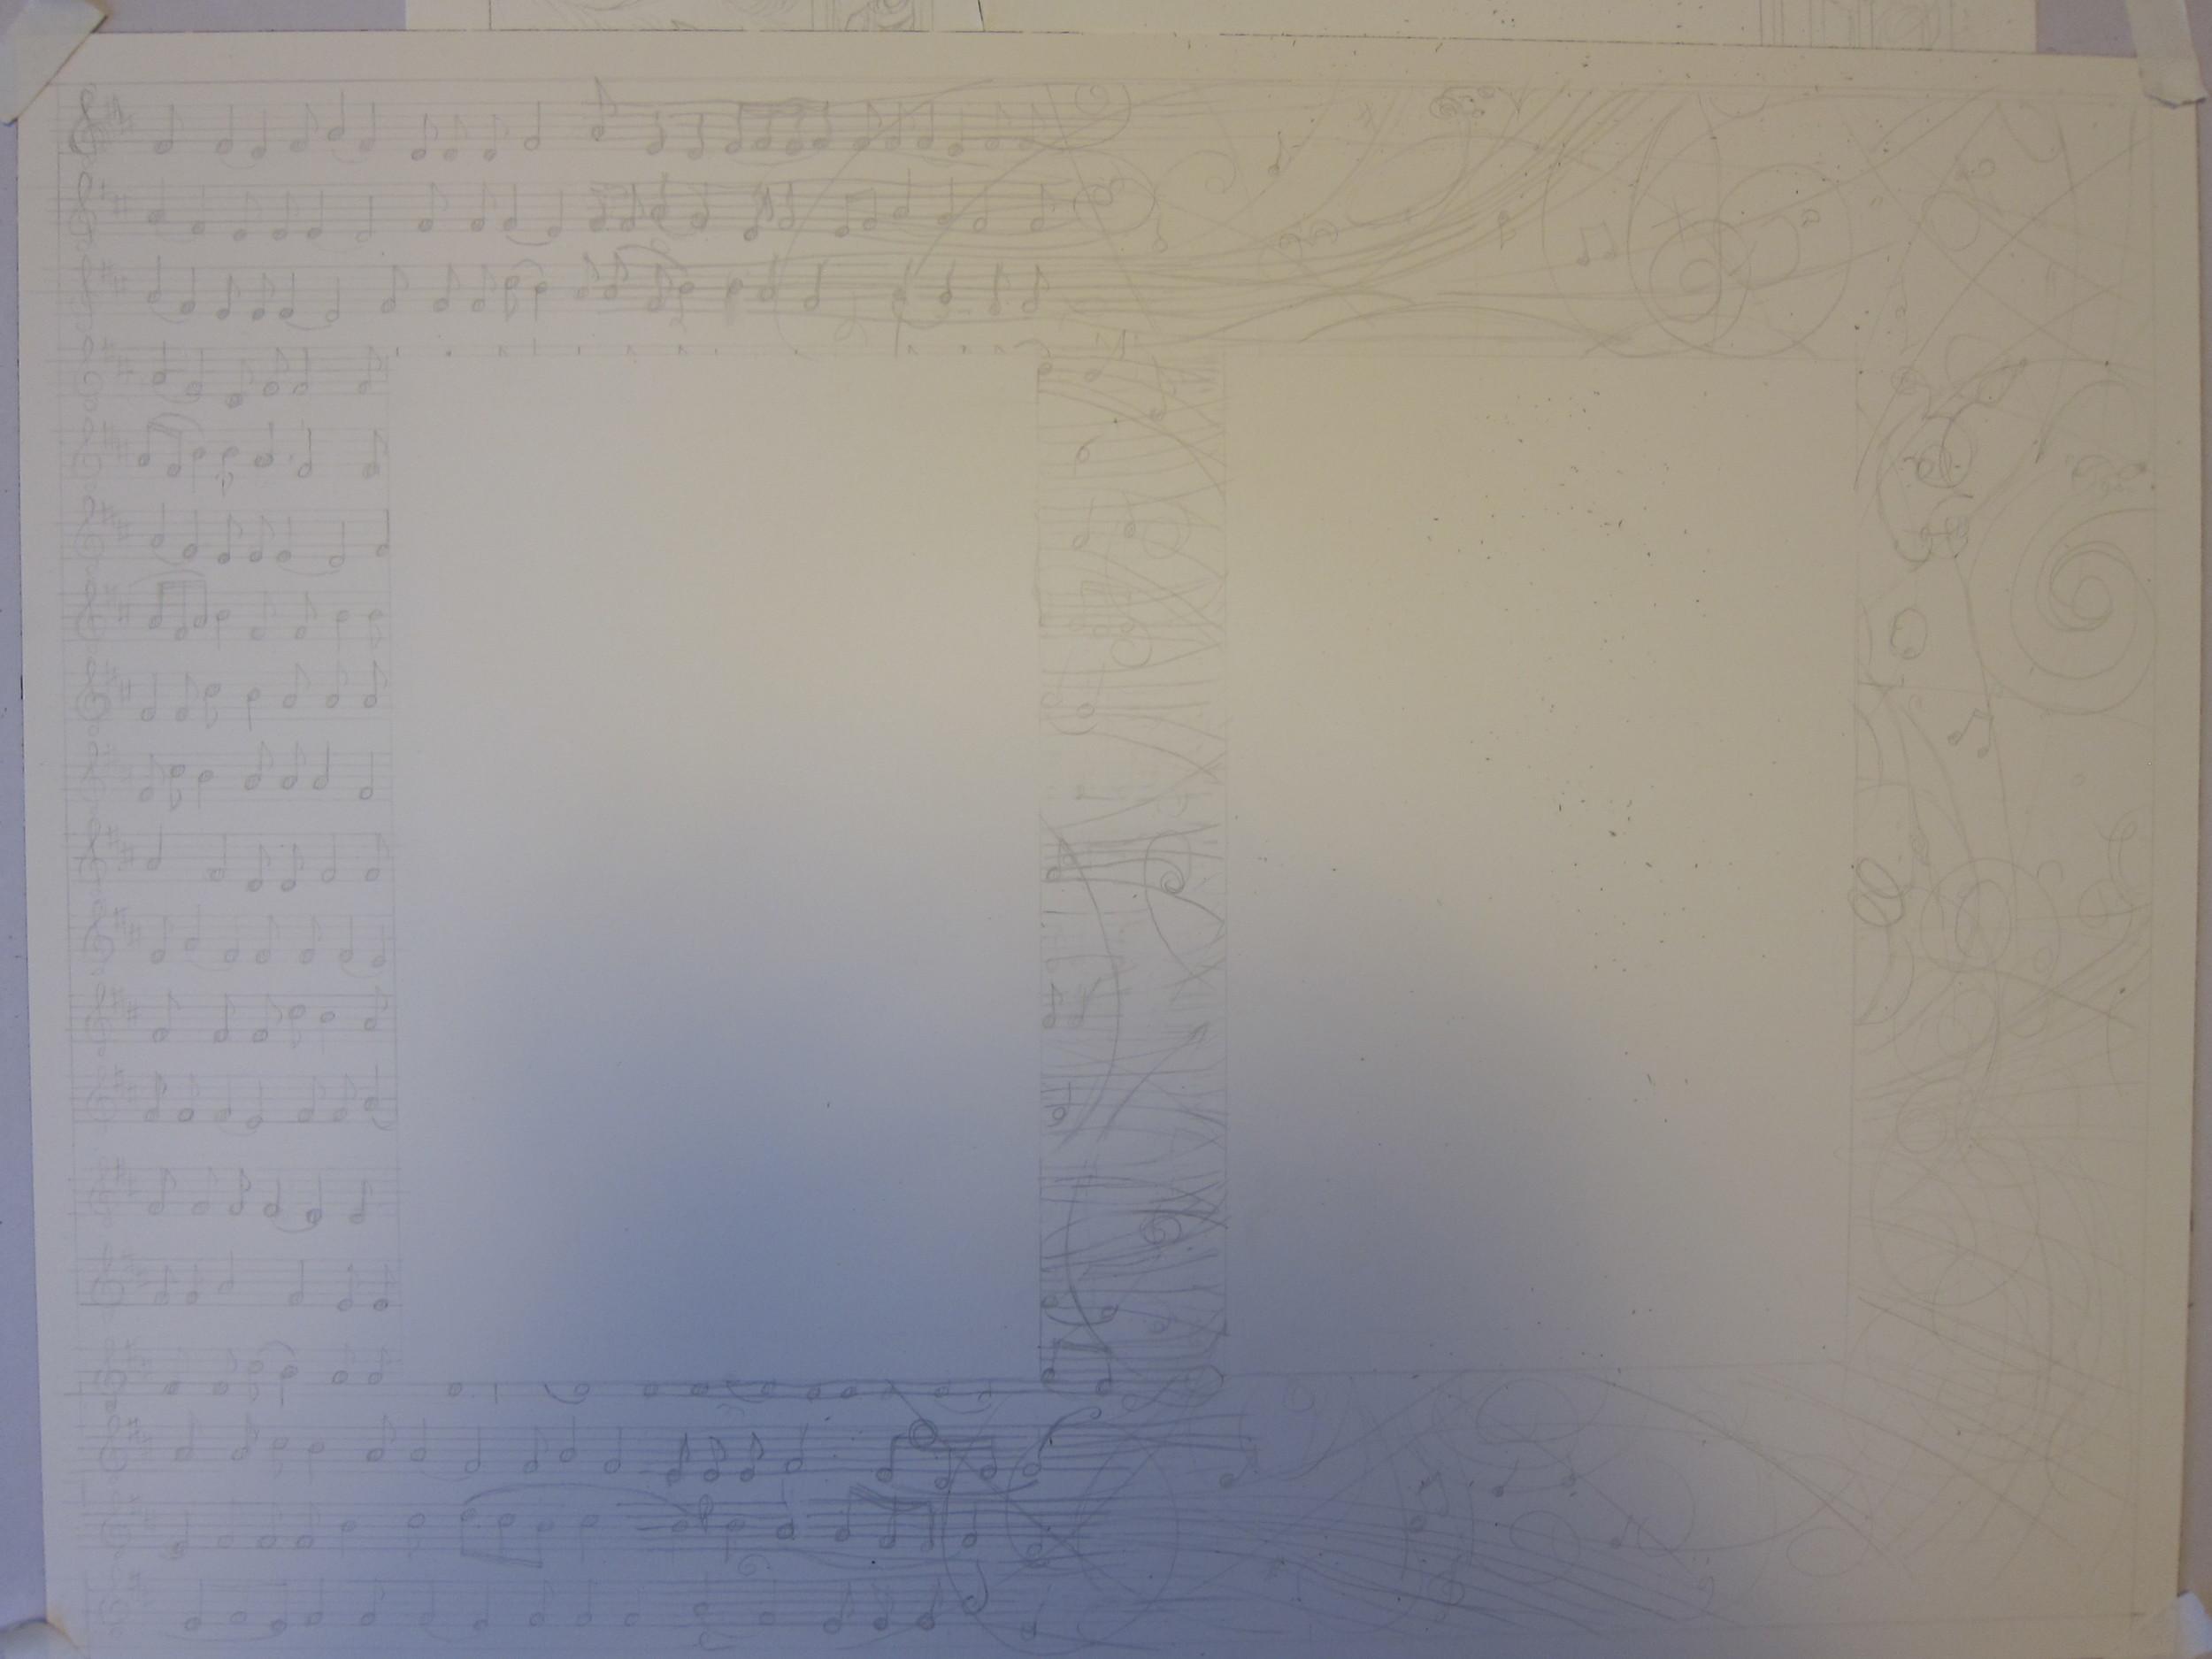 lineartforsarah3.jpg